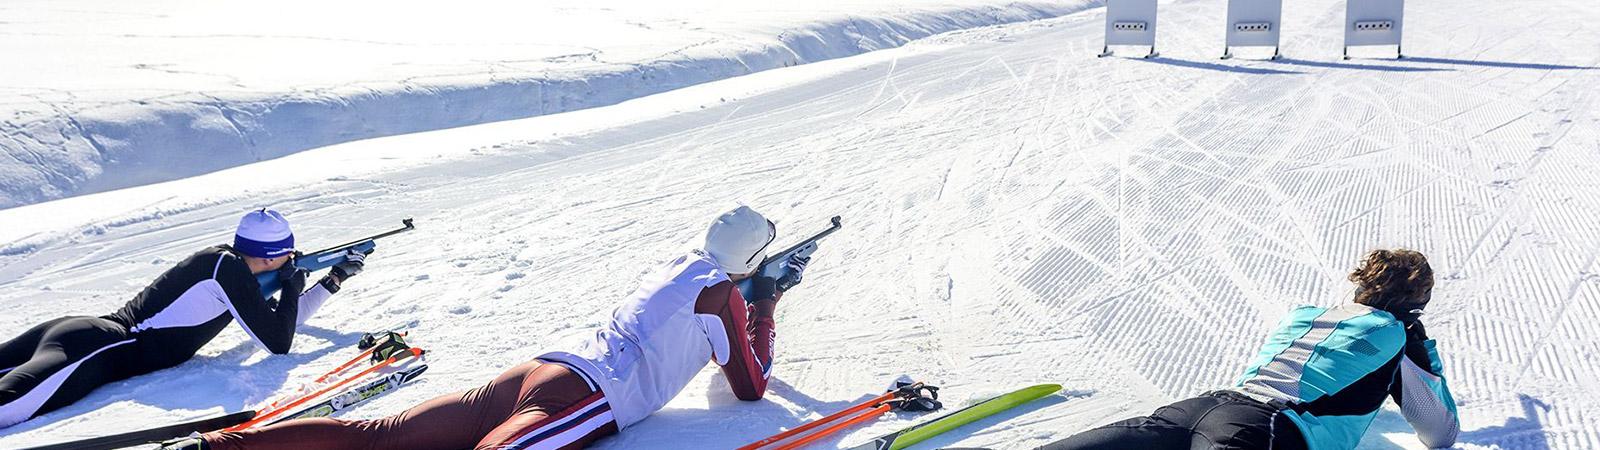 initiation-biathlon-club-de-la-ffs-6